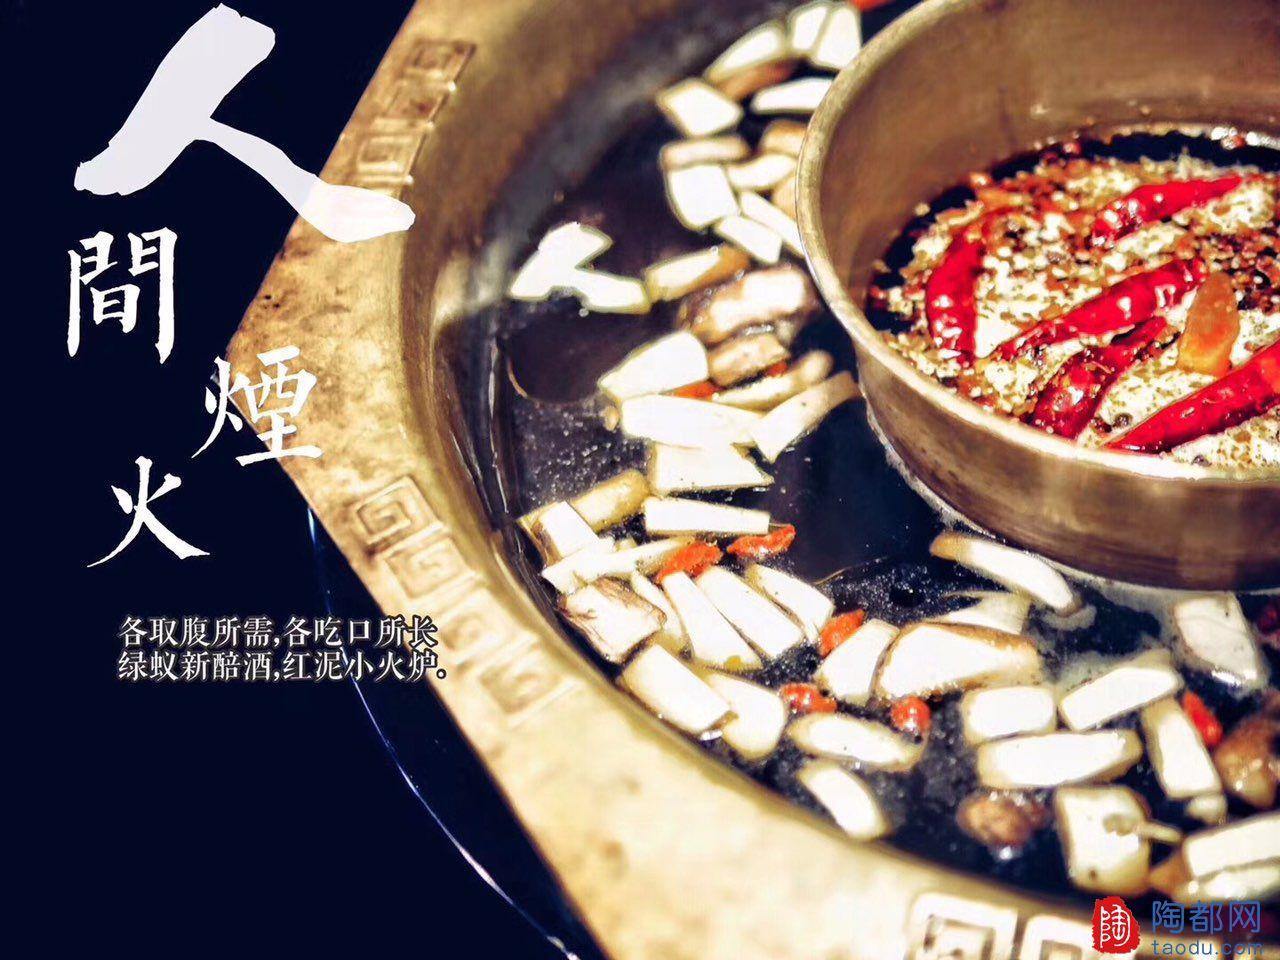 小楼火锅叫你来吃霸王餐,一个月的送送送